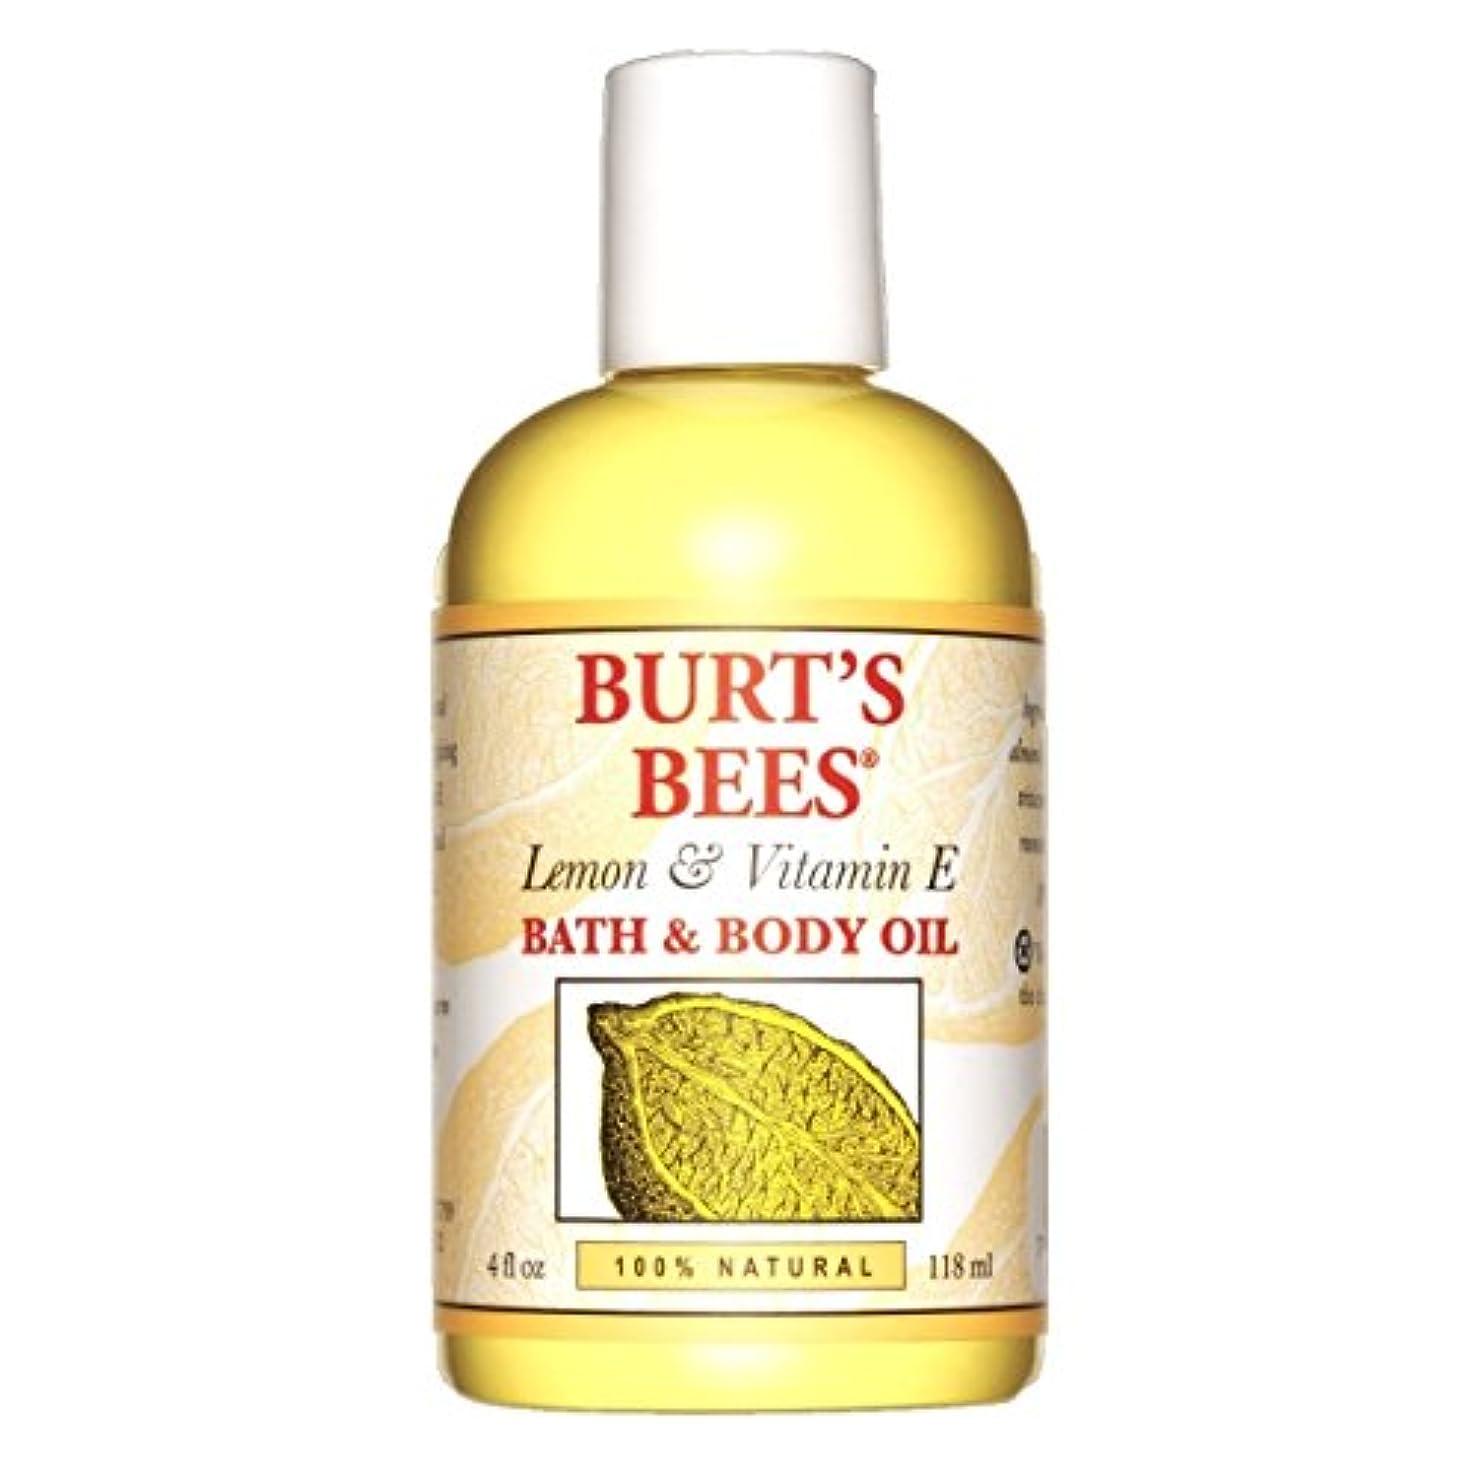 ソーシャルポータブルステレオバーツビーズ(Burt's Bees) レモン&ビタミンE バスアンドボディオイル 118ml [海外直送品][並行輸入品]